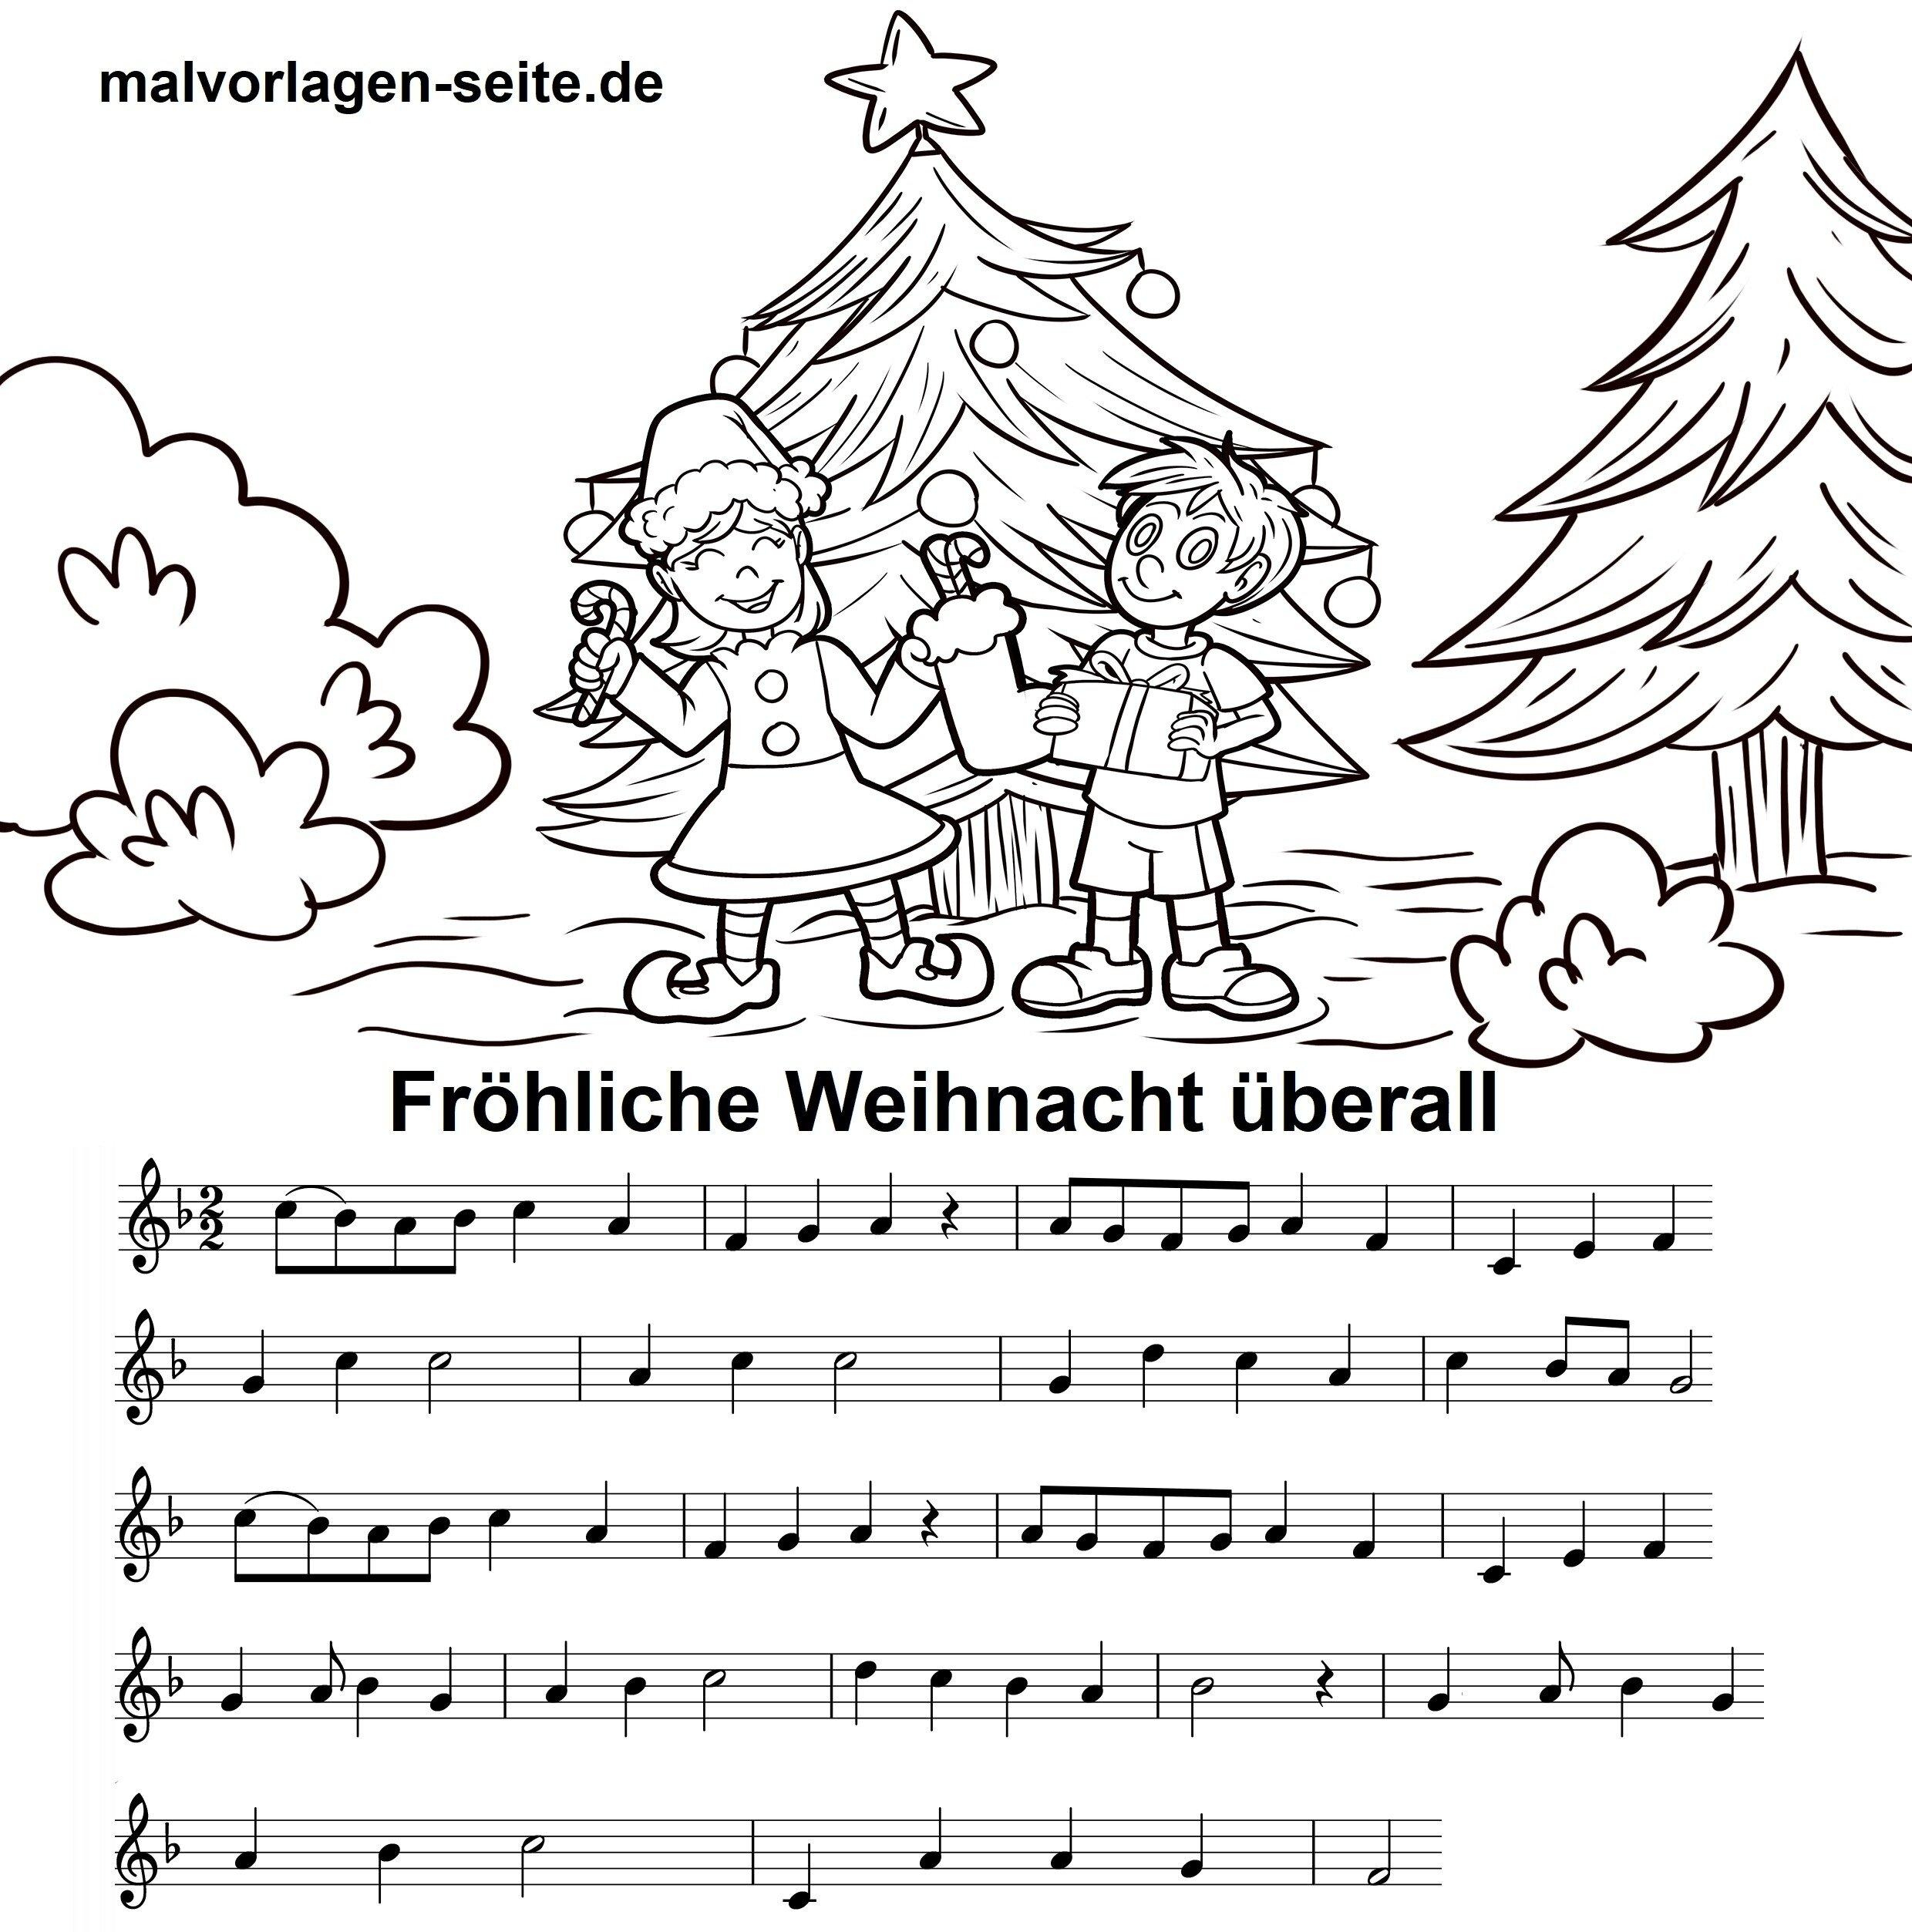 Fröhliche Weihnacht überall - Noten und Text zum Ausdrucken